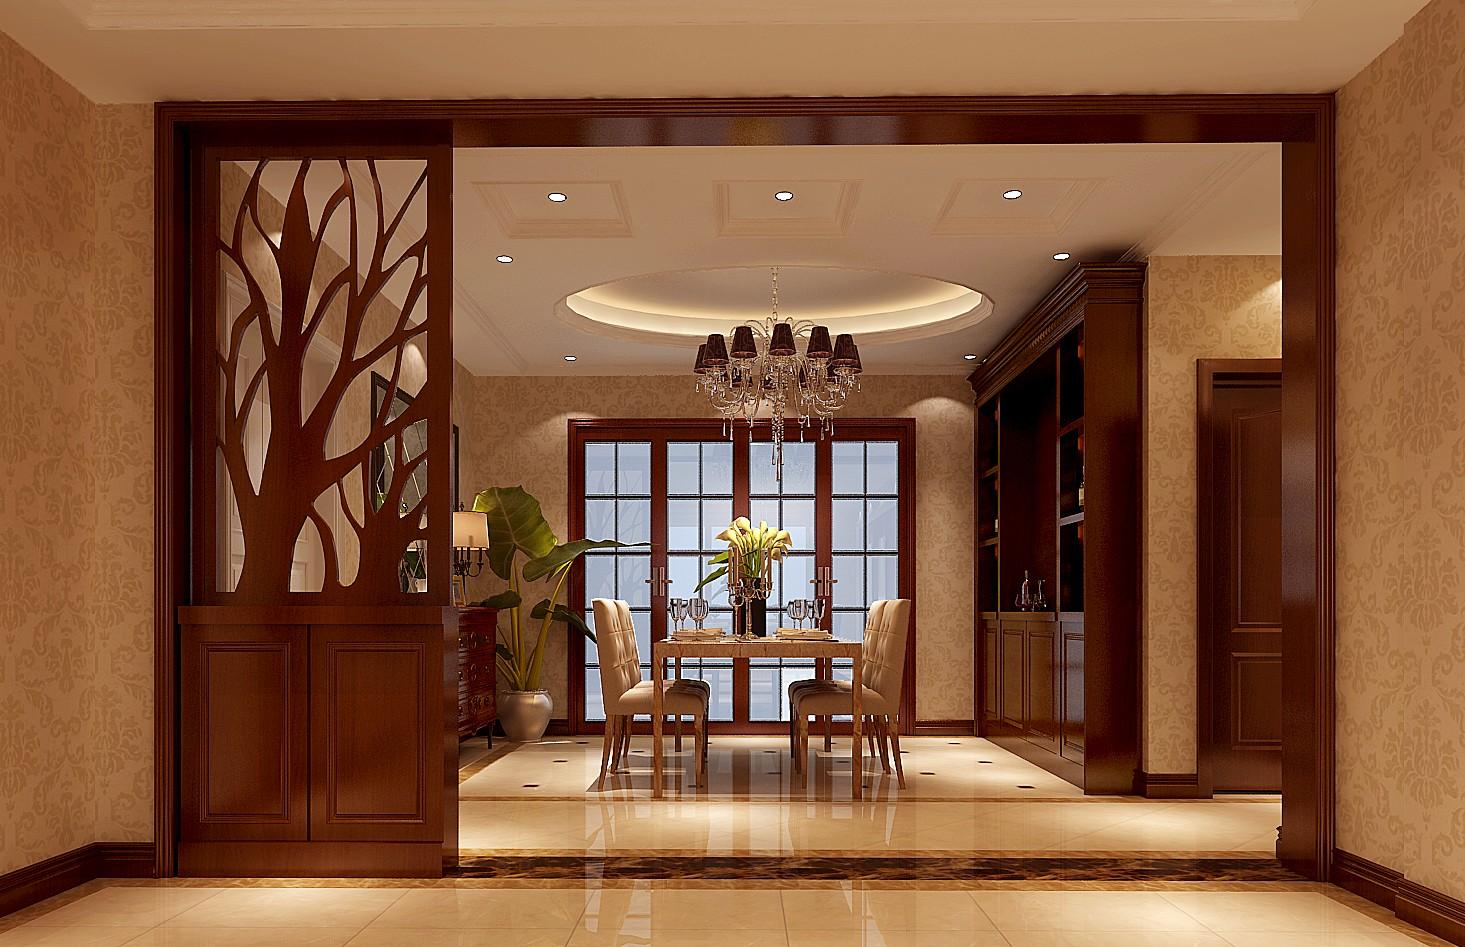 纳帕澜郡 高度国际 现代 简欧 公寓 餐厅图片来自高度国际在纳帕澜郡-现代简欧打造健康居所的分享